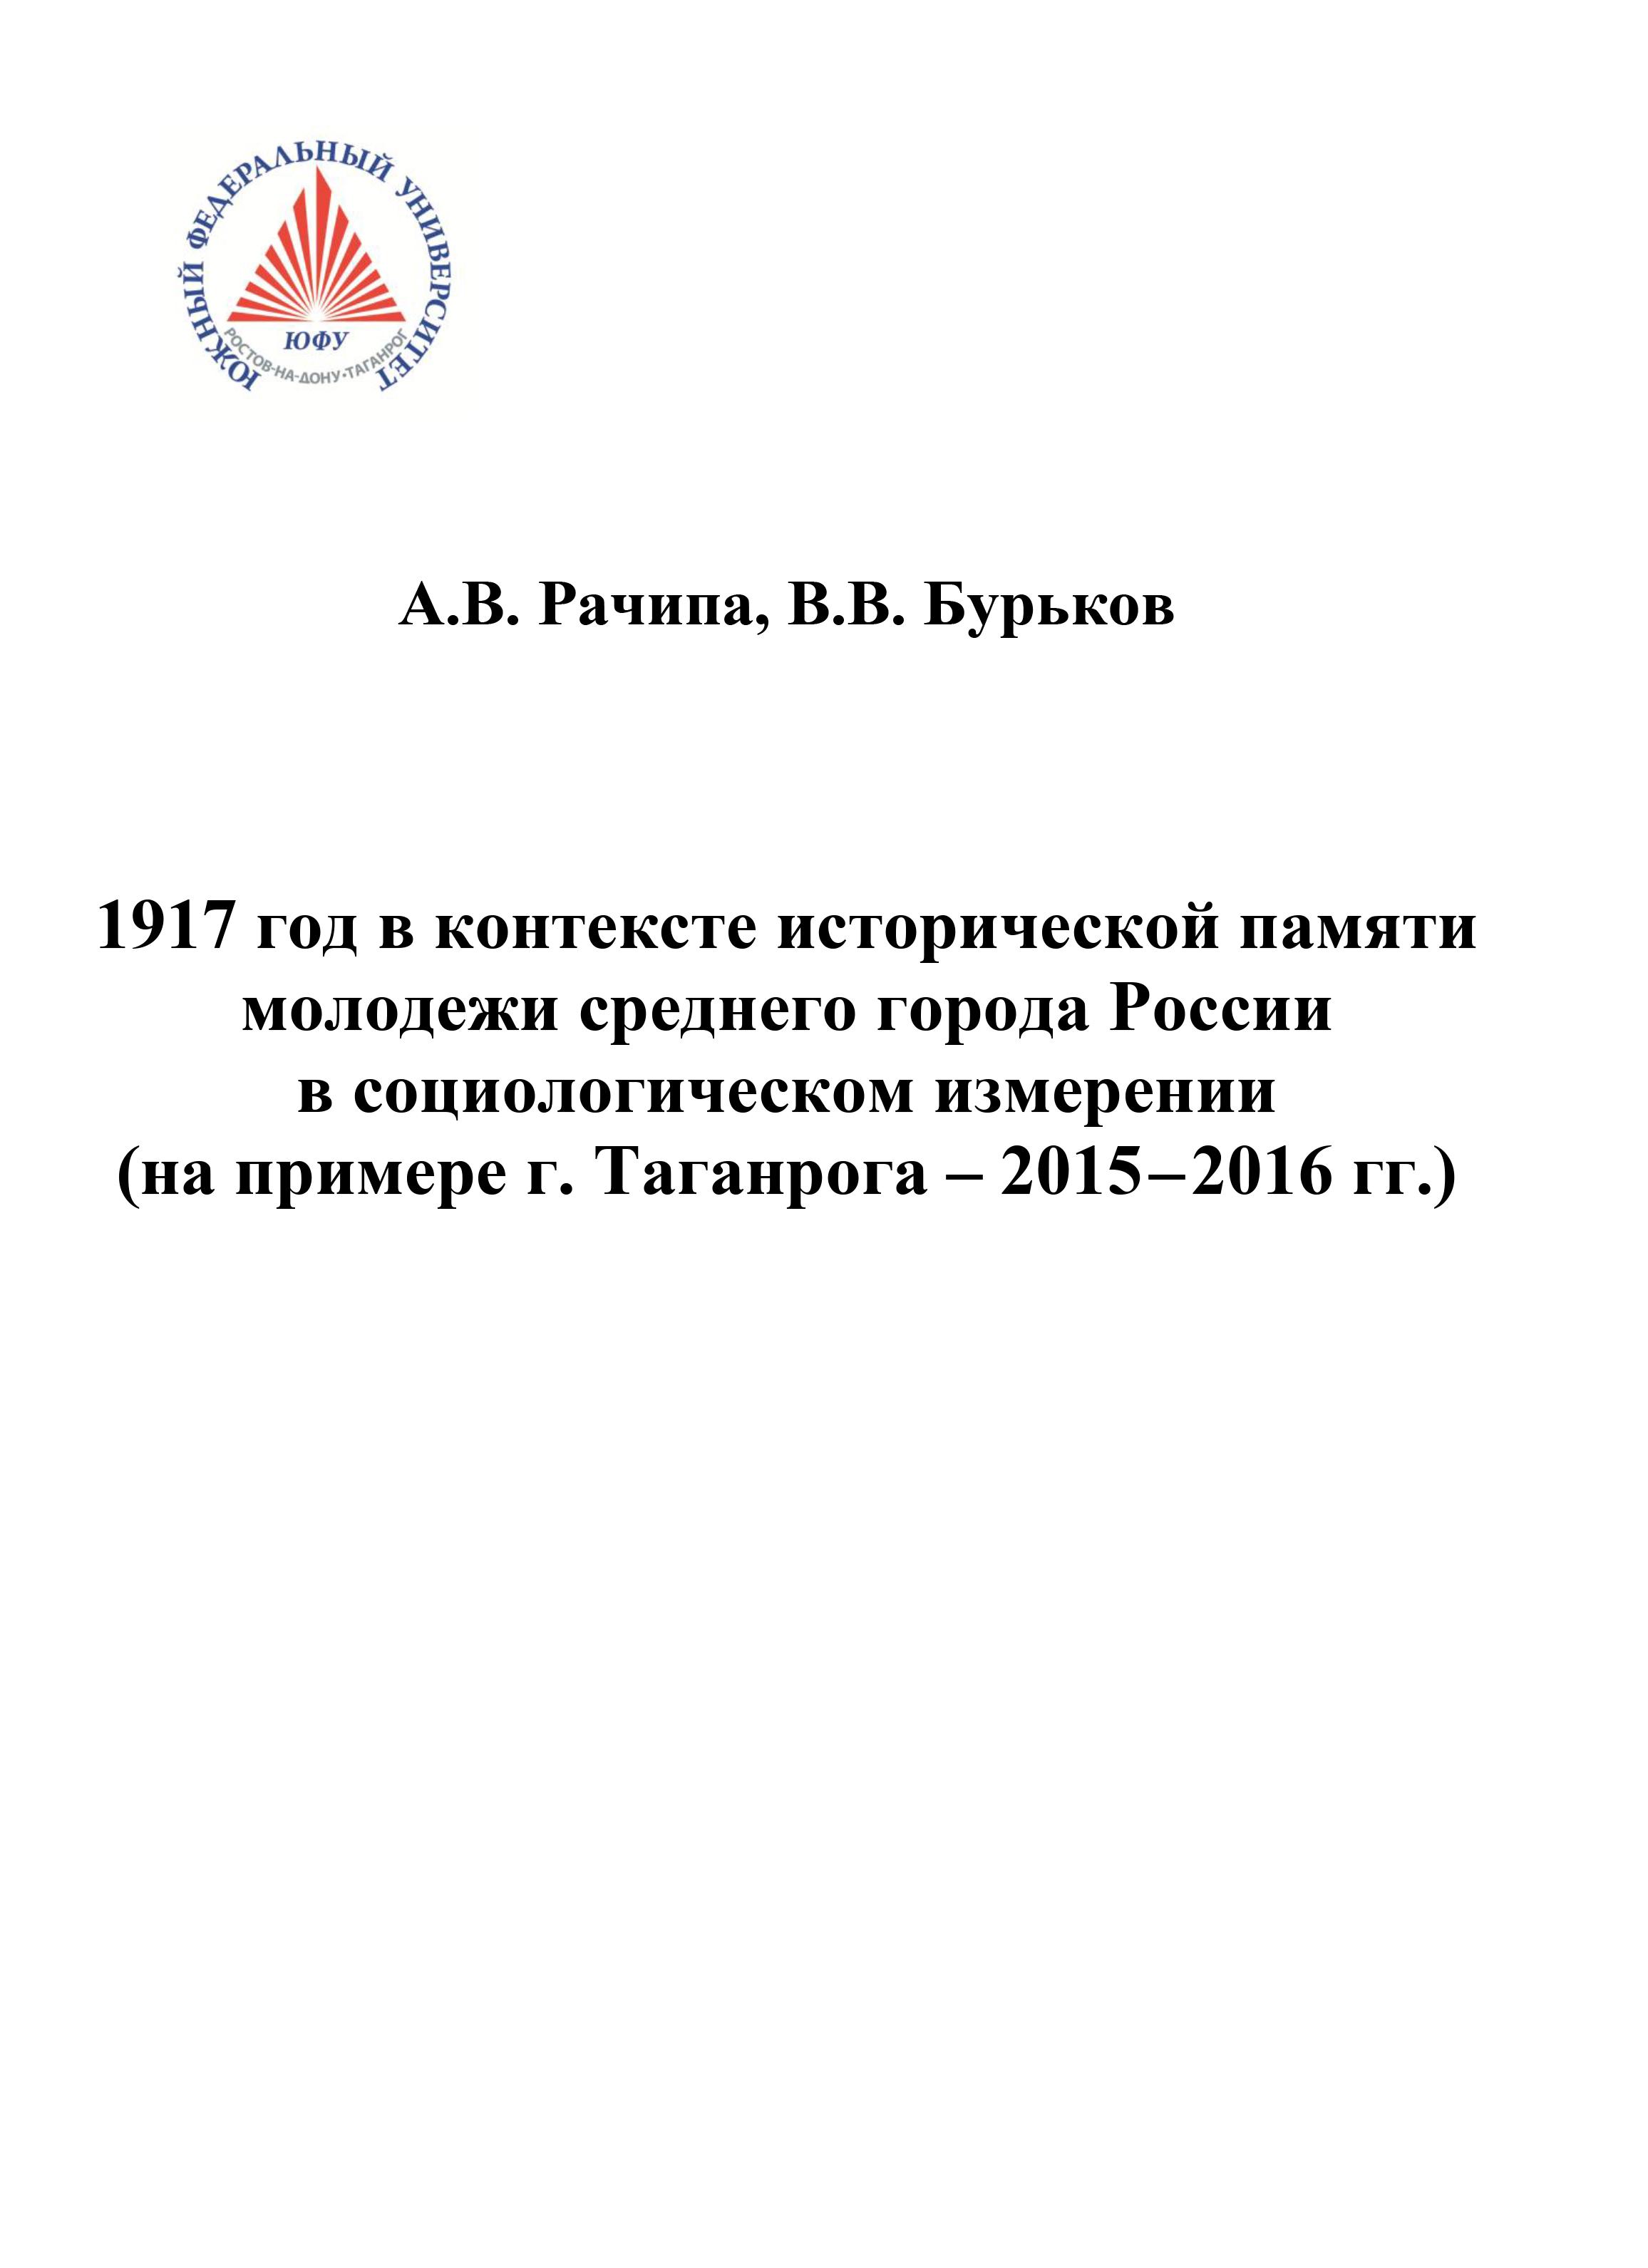 В. В. Бурьков 1917 год в контексте исторической памяти молодежи среднего города России в социологическом измерении (на примере г. Таганрога. 2015-2016 гг.) цена